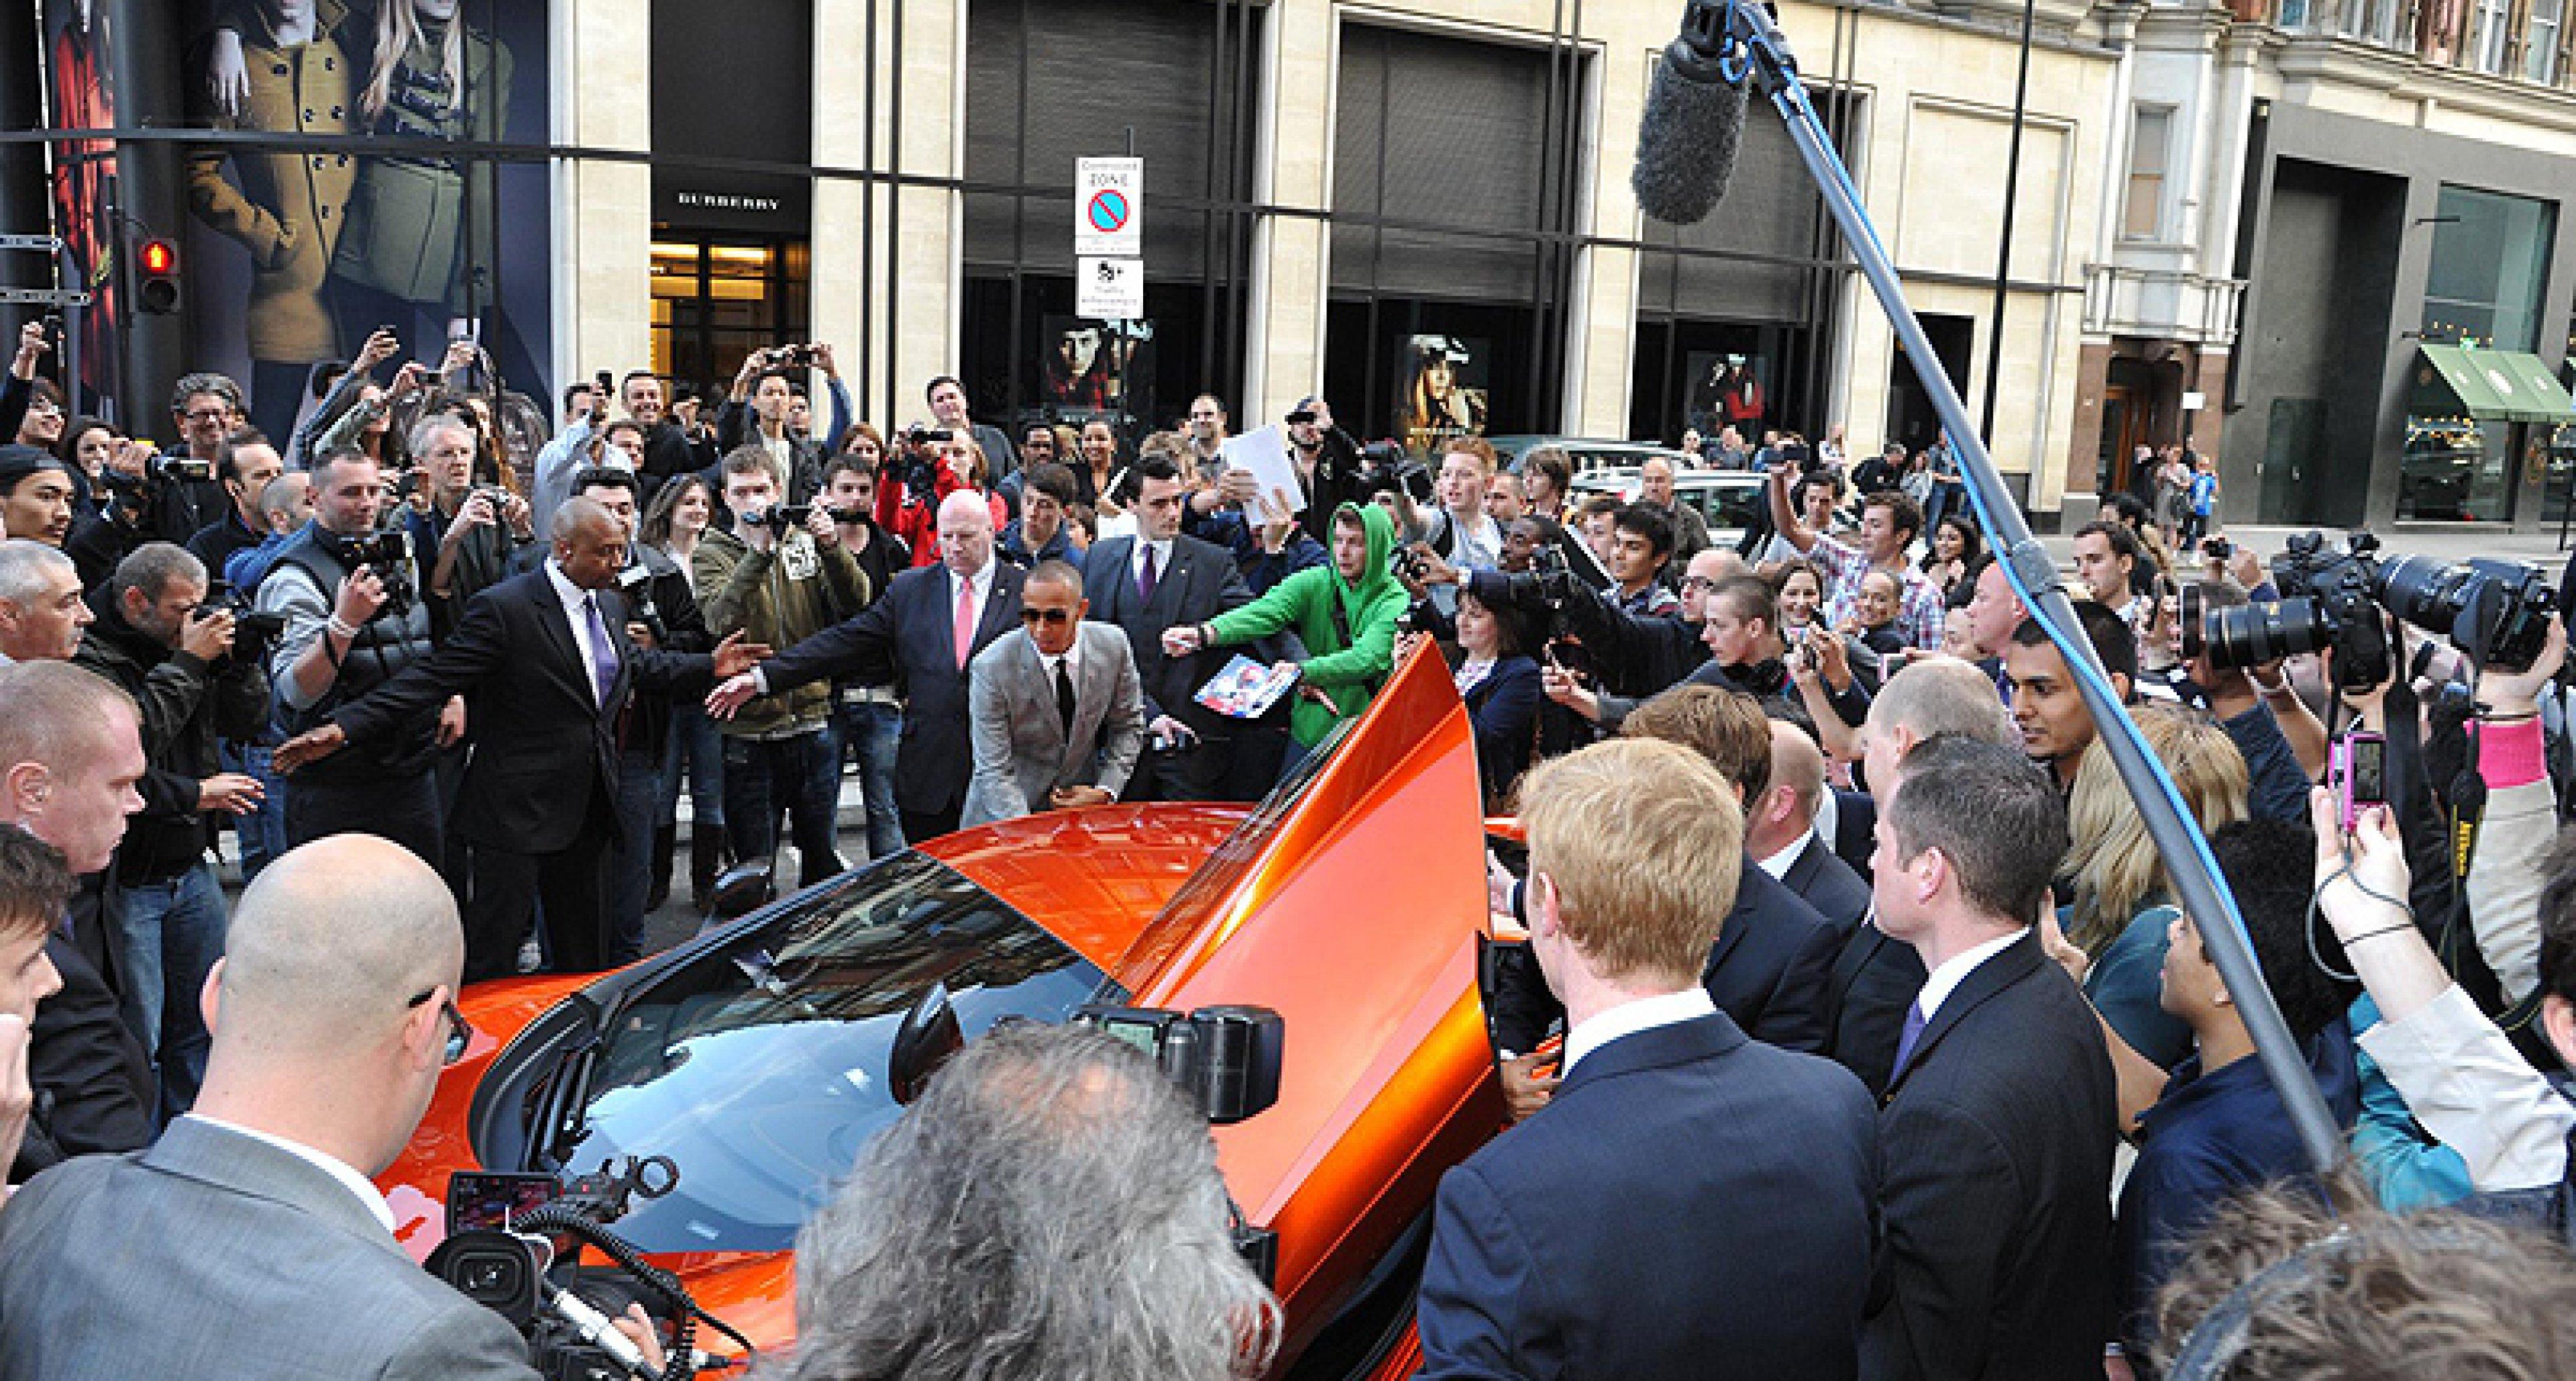 World's first McLaren showroom opens in London